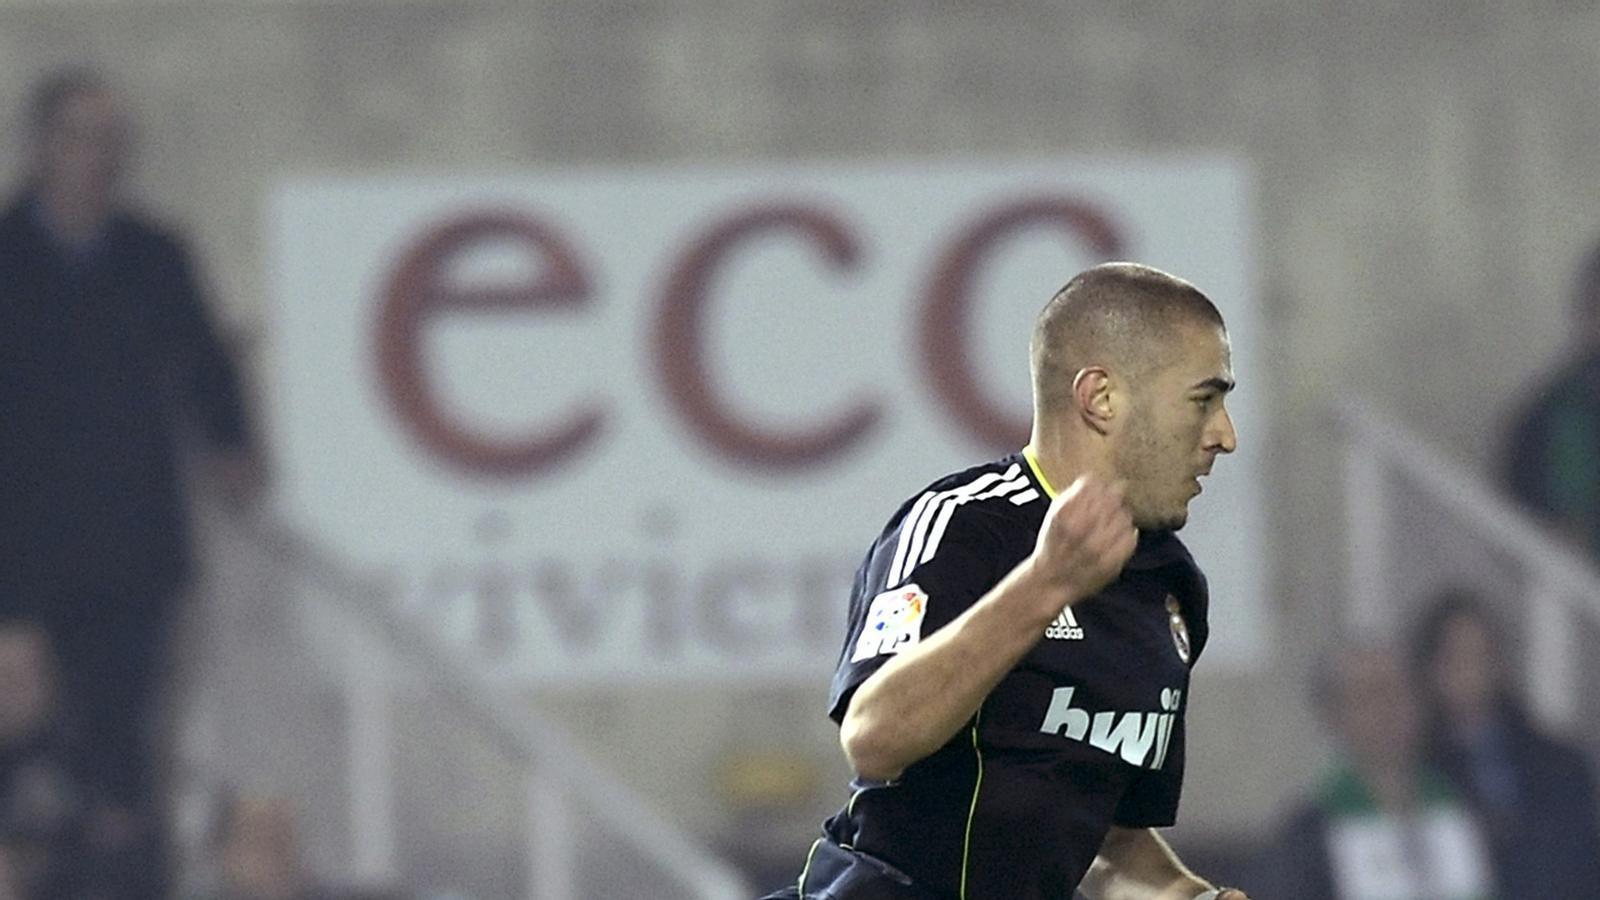 El francès Karim Benzema es va reivindicar a  El Sardinero amb dos gols. / ANDER GILLENEA / AFP